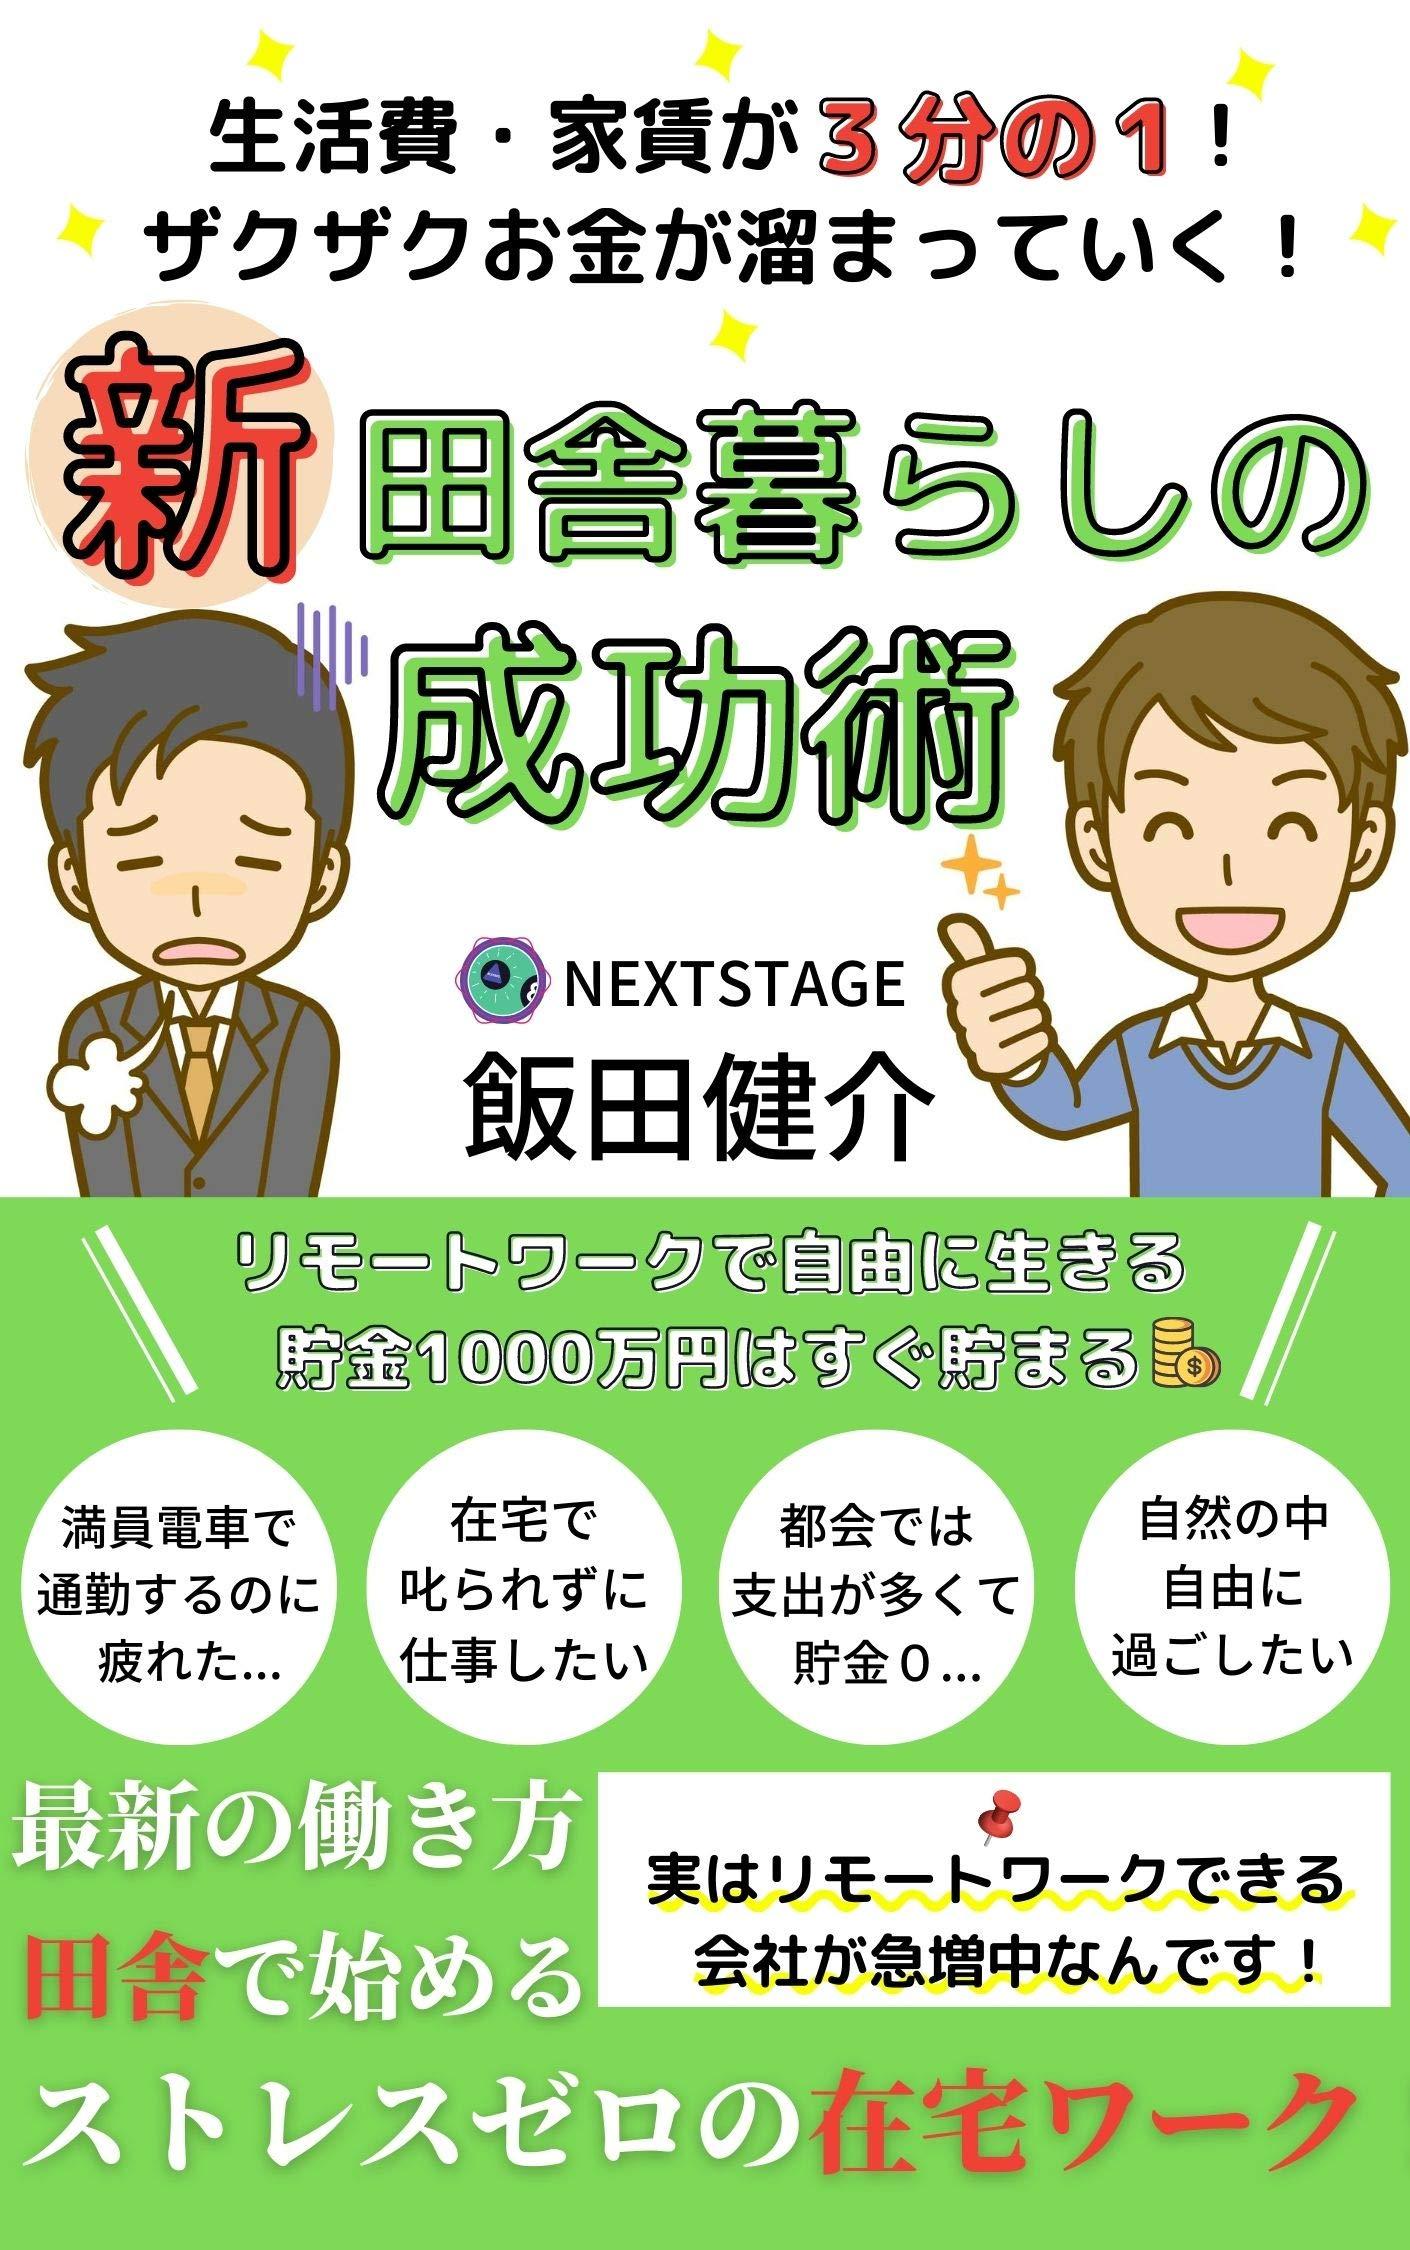 sinninakagurasinoseikoujutuseikatuhiyatinngasannbunnnoitizakuzakuokanegatamatteikuikikatakaisyainnhikkennzaitakukinnmurimo-towa-ku (Japanese Edition)